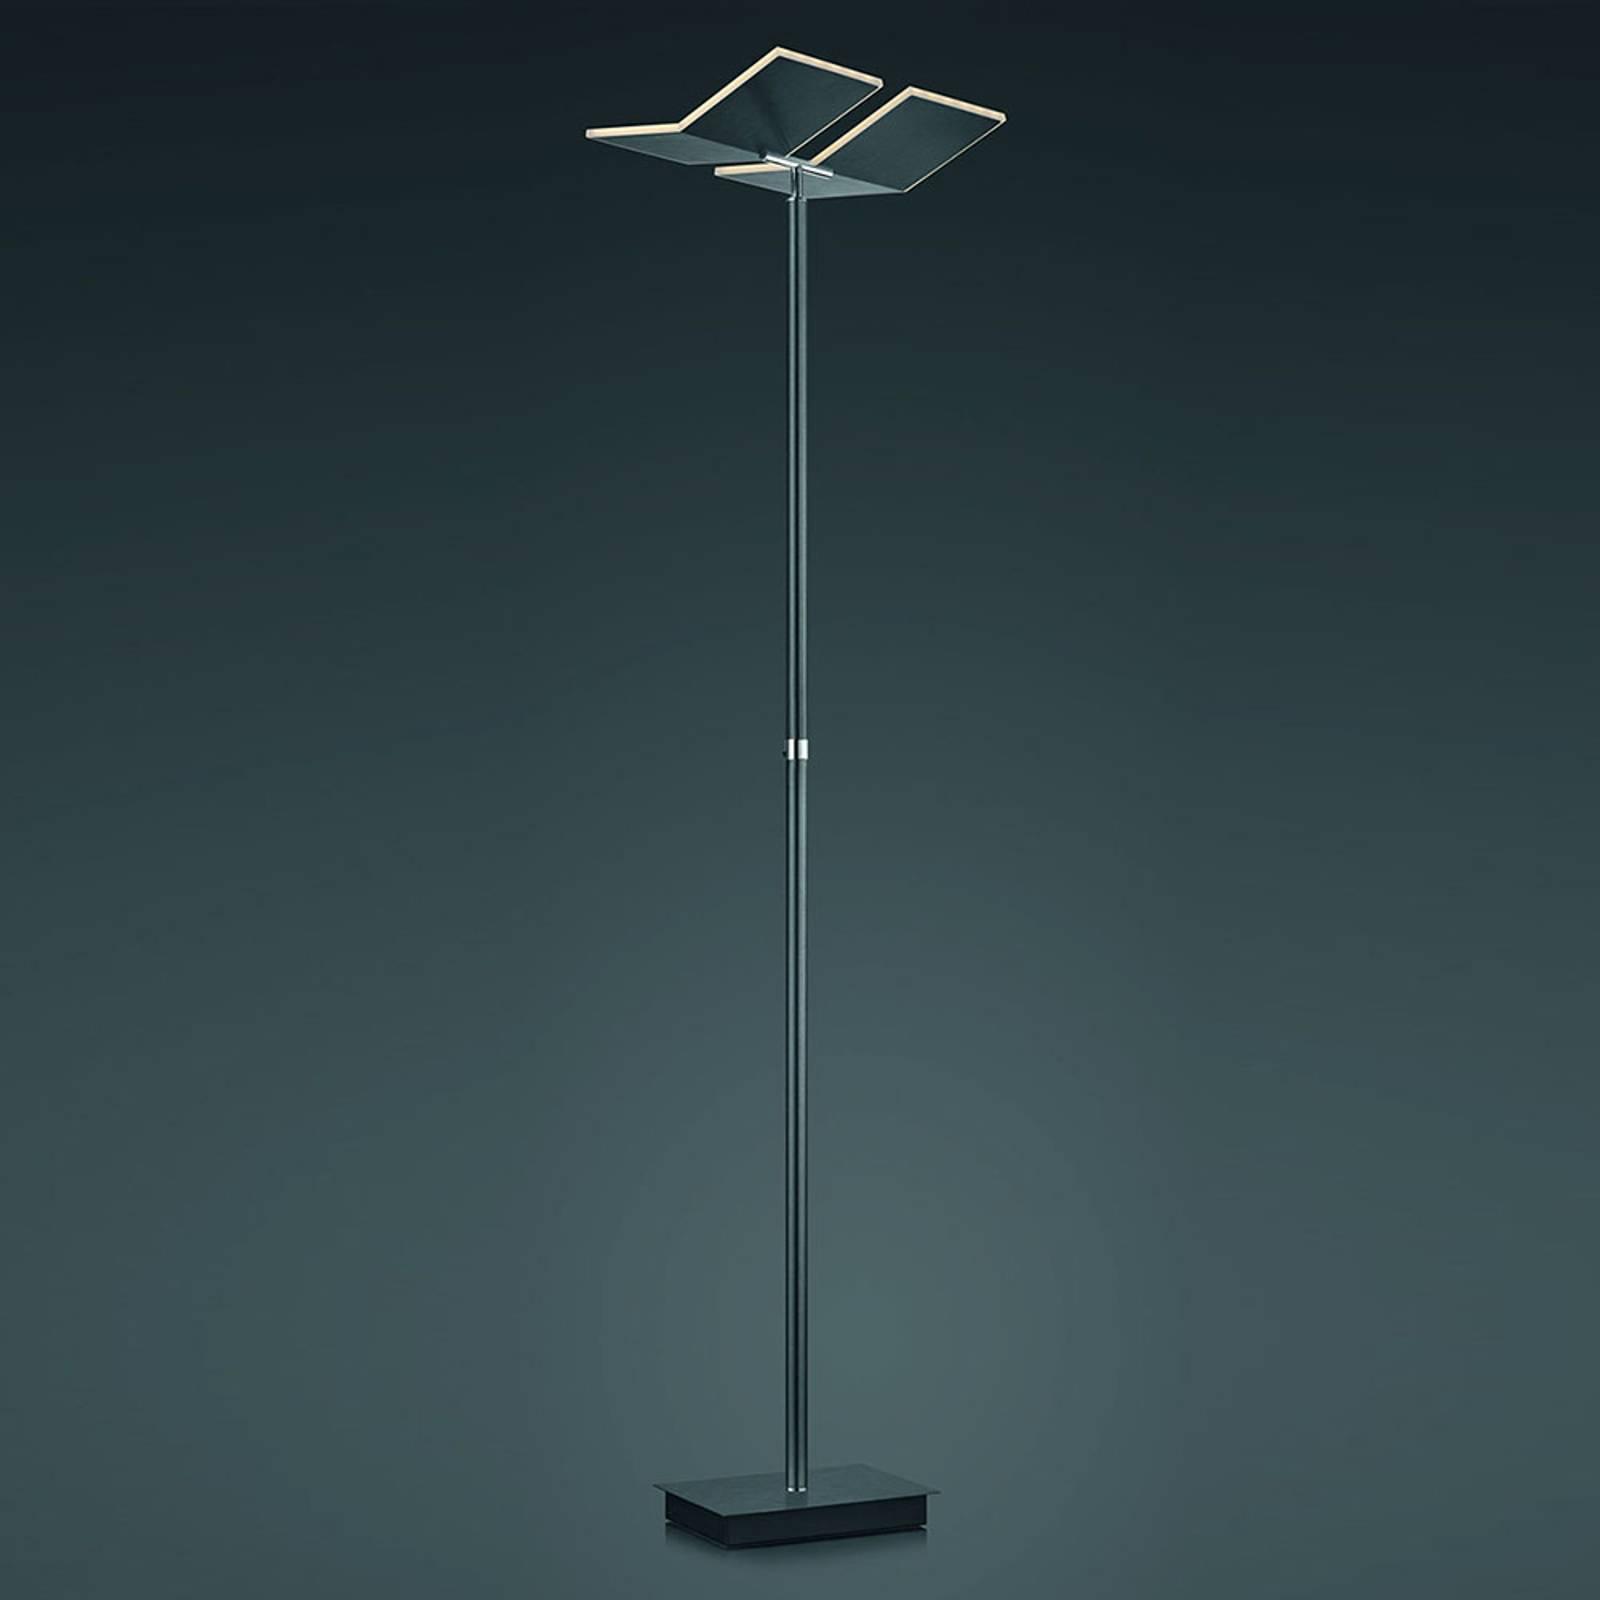 B-Leuchten Domi LED-gulvlampe, antrasitt